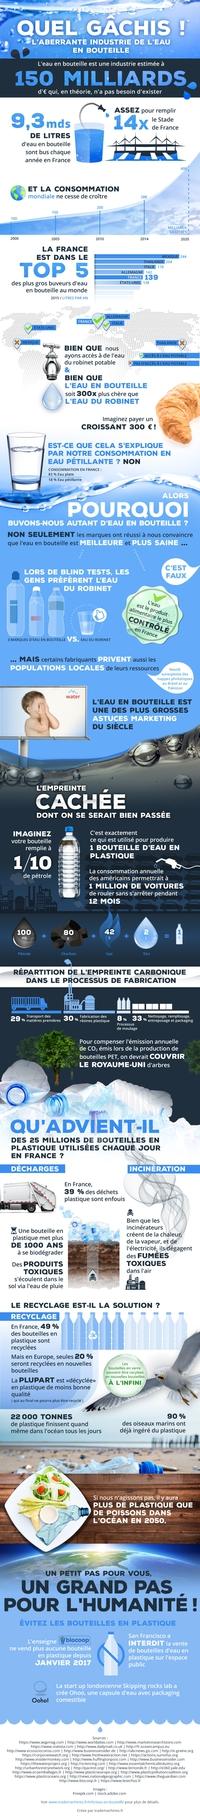 Infographie sur l'eau en bouteille